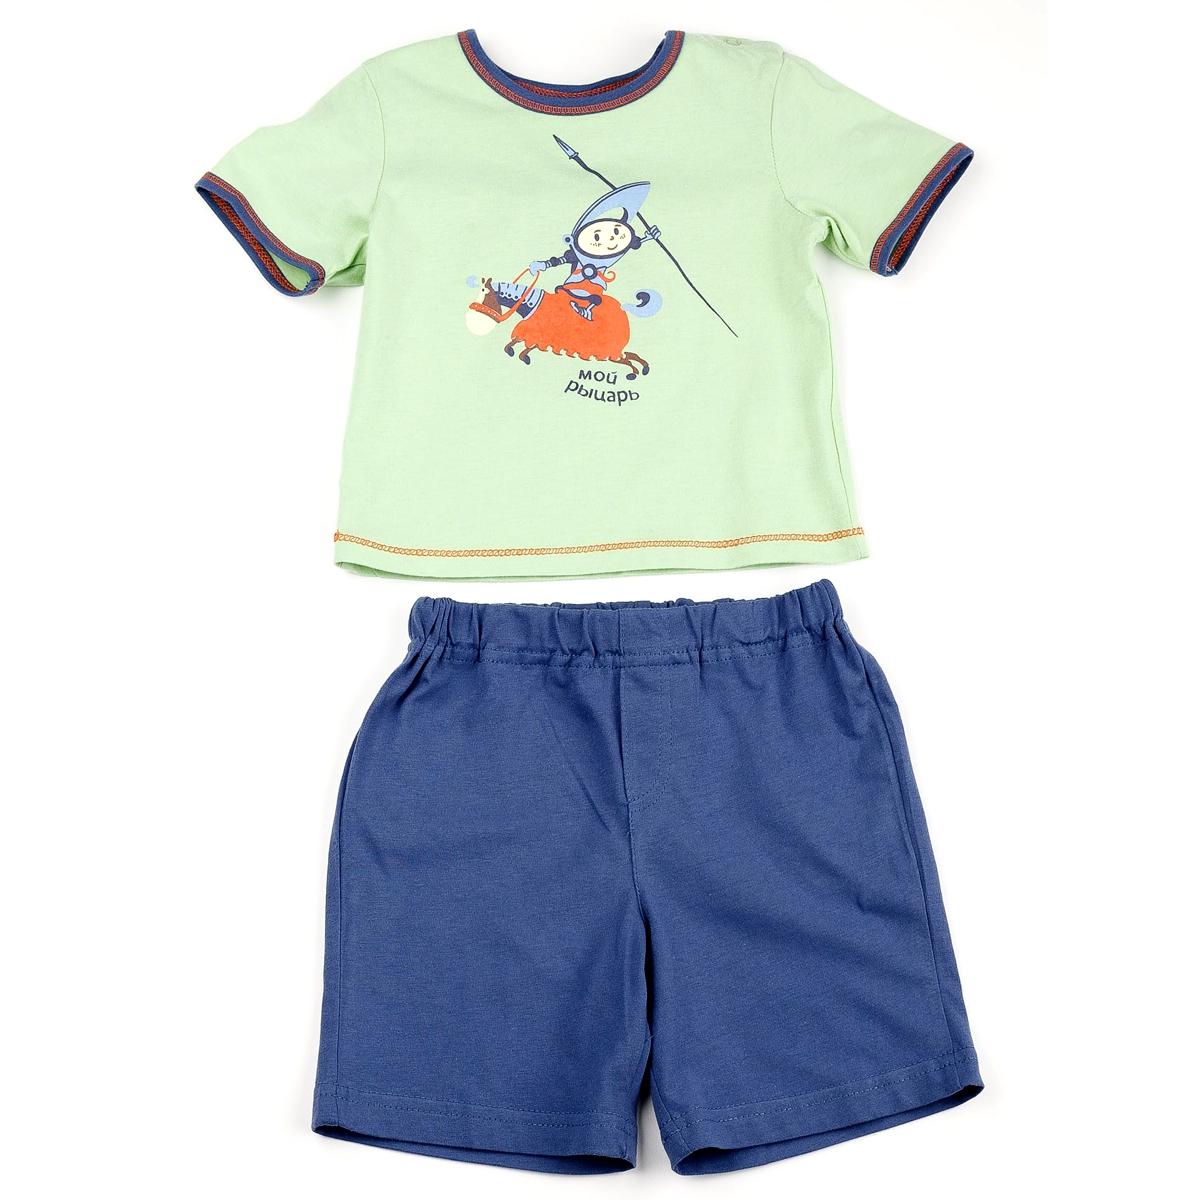 Комплект Veneya Венейя (футболка+шорты) для мальчика, цвет зеленый размер 92